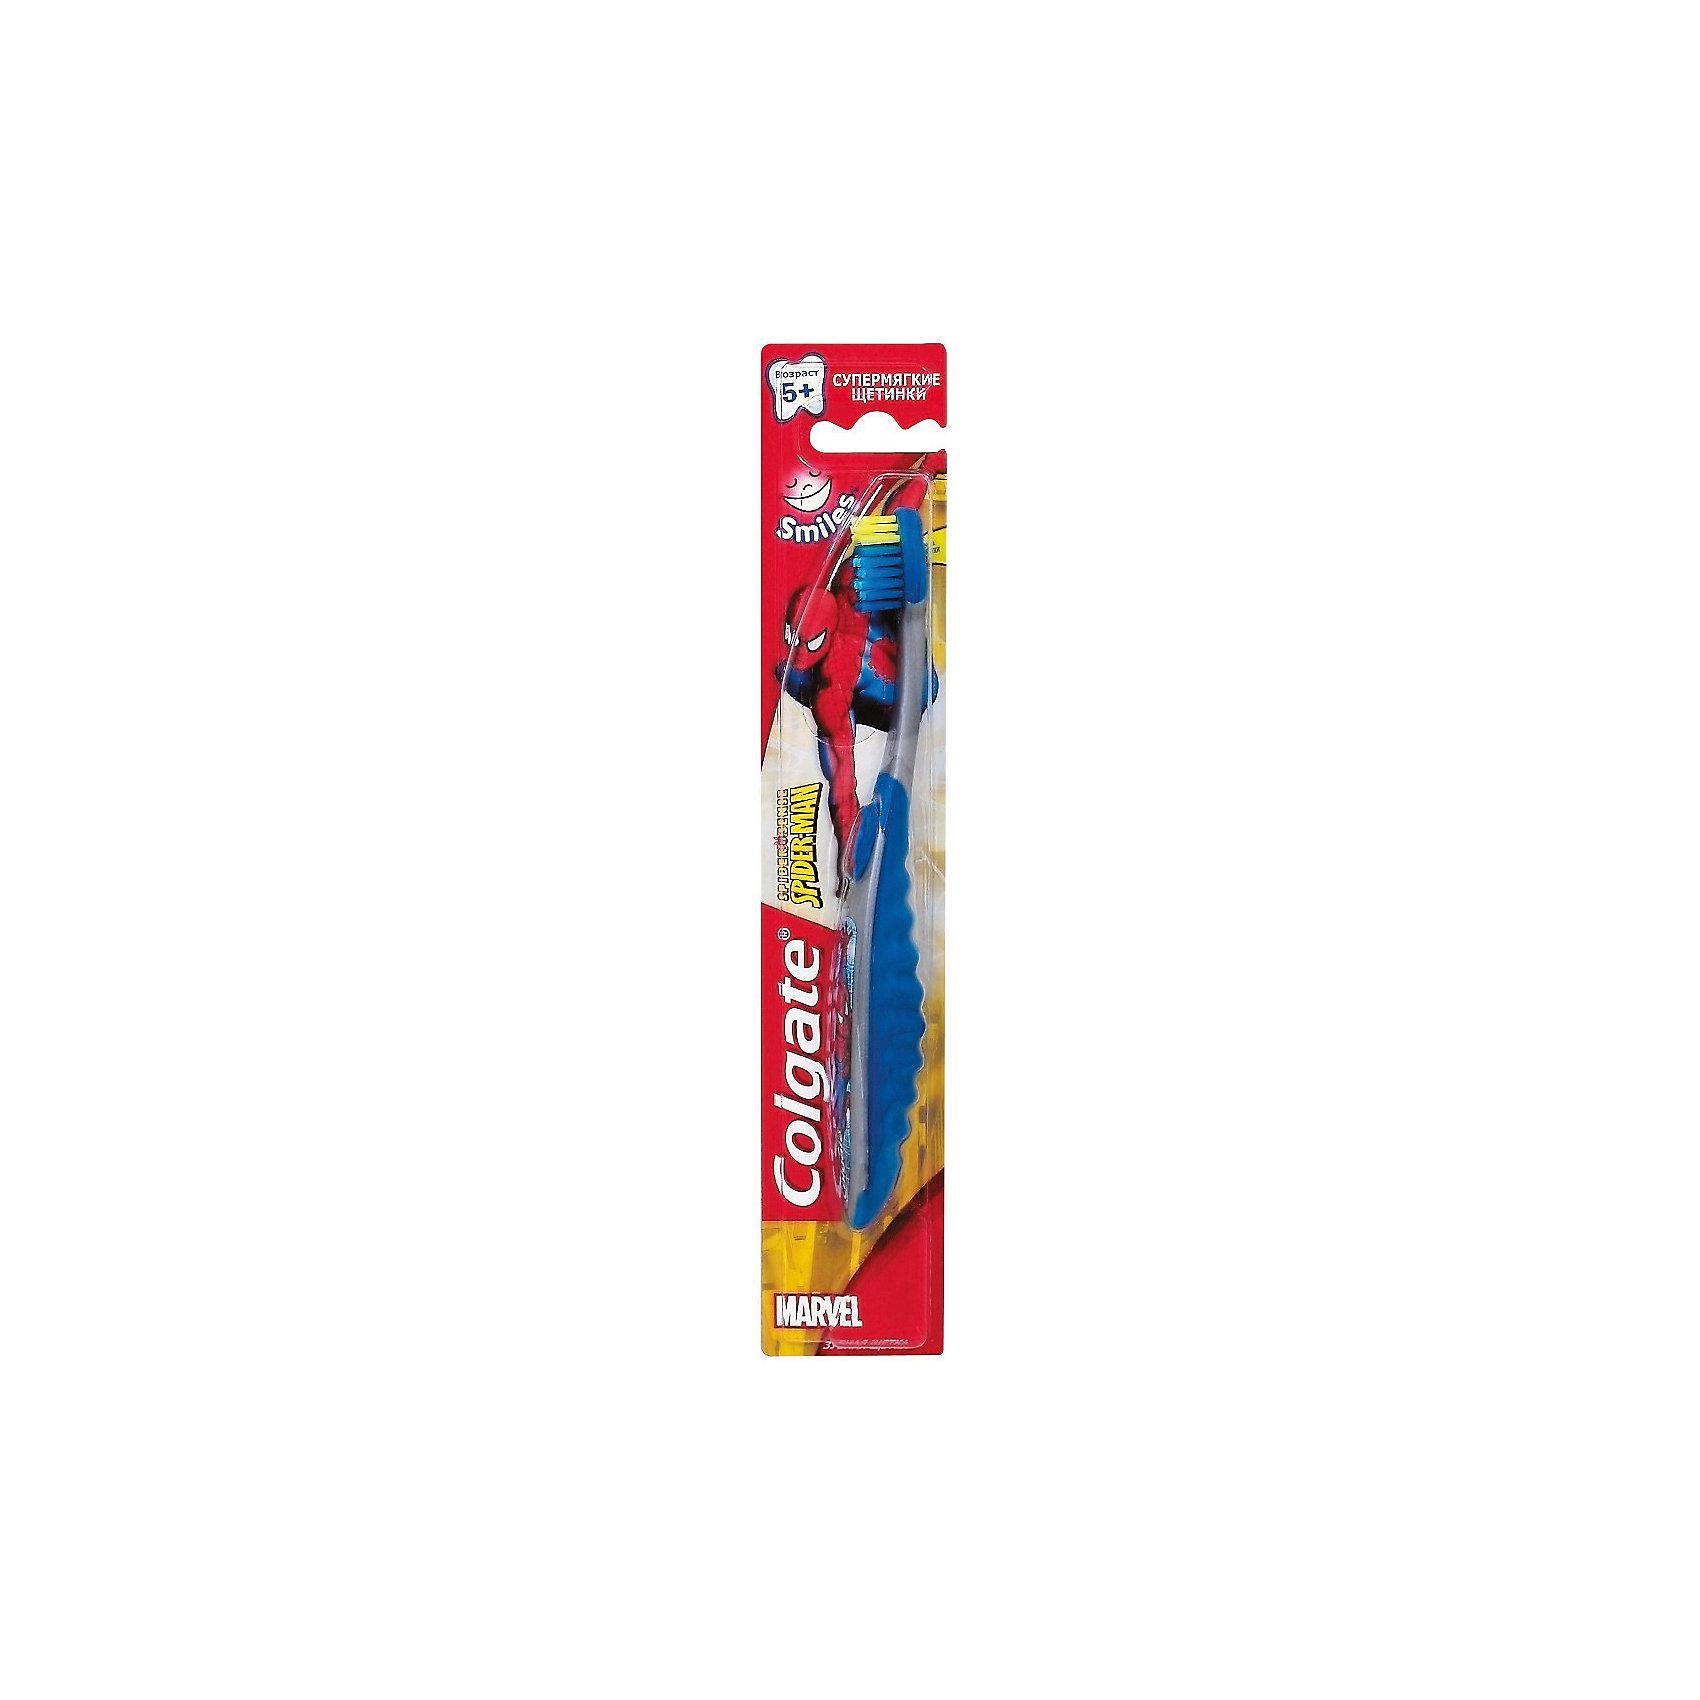 Зубная щётка Смайлс SpiderMan супермягкая для детей старше 5 лет, Colgate, синий/серыйДетская зубная щетка Colgate Smiles бережно ухаживает за полостью рта ребенка, мягкая щетина помогает убрать остатки пищи и налет на зубках. Щетинки расположены на разном уровне, удлиненные щетинки предназначены для очищения межзубных промежутков. Имеется очиститель языка. Наличие цветных щетинок позволяет малышу определить количество зубной пасты для однократной очистки зубов. <br><br>Дополнительная информация:<br><br>• разноуровневые щетинки;<br>• очиститель языка;<br>• нескользящая ручка.<br><br>ВНИМАНИЕ! Данный артикул имеется в наличии в разных вариантах исполнения (Spiderman, Barbie). Заранее выбрать определенный вариант нельзя. При заказе нескольких зубных щеток возможно получение одинаковых.<br><br>Зубную щётку Смайлс  супермягкая для детей старше 5 лет, Colgate можно купить в нашем интернет-магазине.<br><br>Ширина мм: 300<br>Глубина мм: 100<br>Высота мм: 50<br>Вес г: 100<br>Возраст от месяцев: 60<br>Возраст до месяцев: 2147483647<br>Пол: Унисекс<br>Возраст: Детский<br>SKU: 5008305